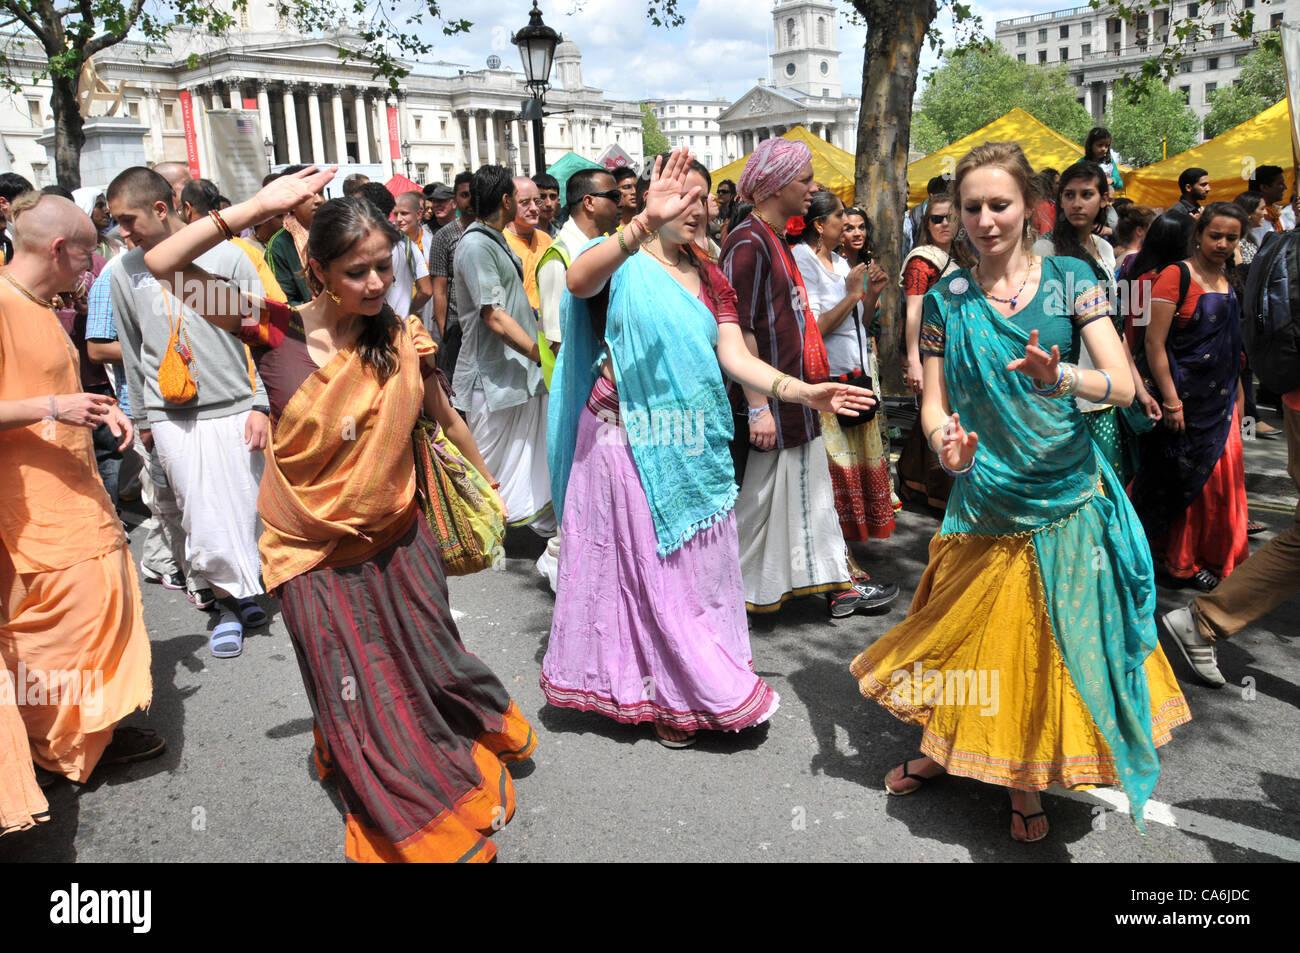 Trafalgar Square, Londres, Royaume-Uni. 17 juin 2012. En face de la Galerie Nationale, trois filles de la danse comme des centaines de fêtards Hare Krishna profitez de l 'Ratha-Yatra' Festival de chars.Photo par: Matthieu Chattle/Alamy Live News Banque D'Images